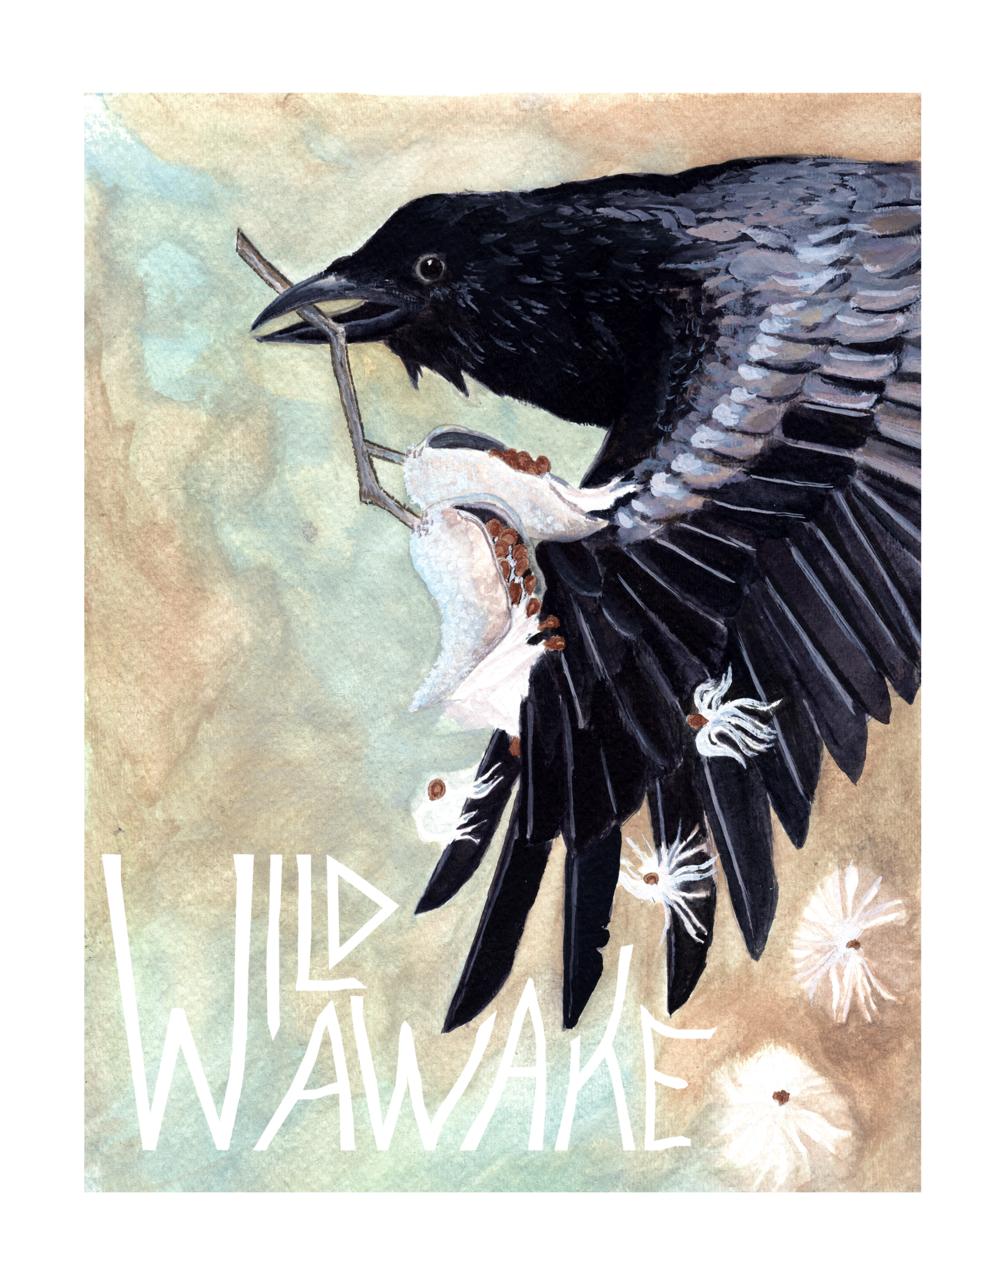 Wild-awake_FLOW.png